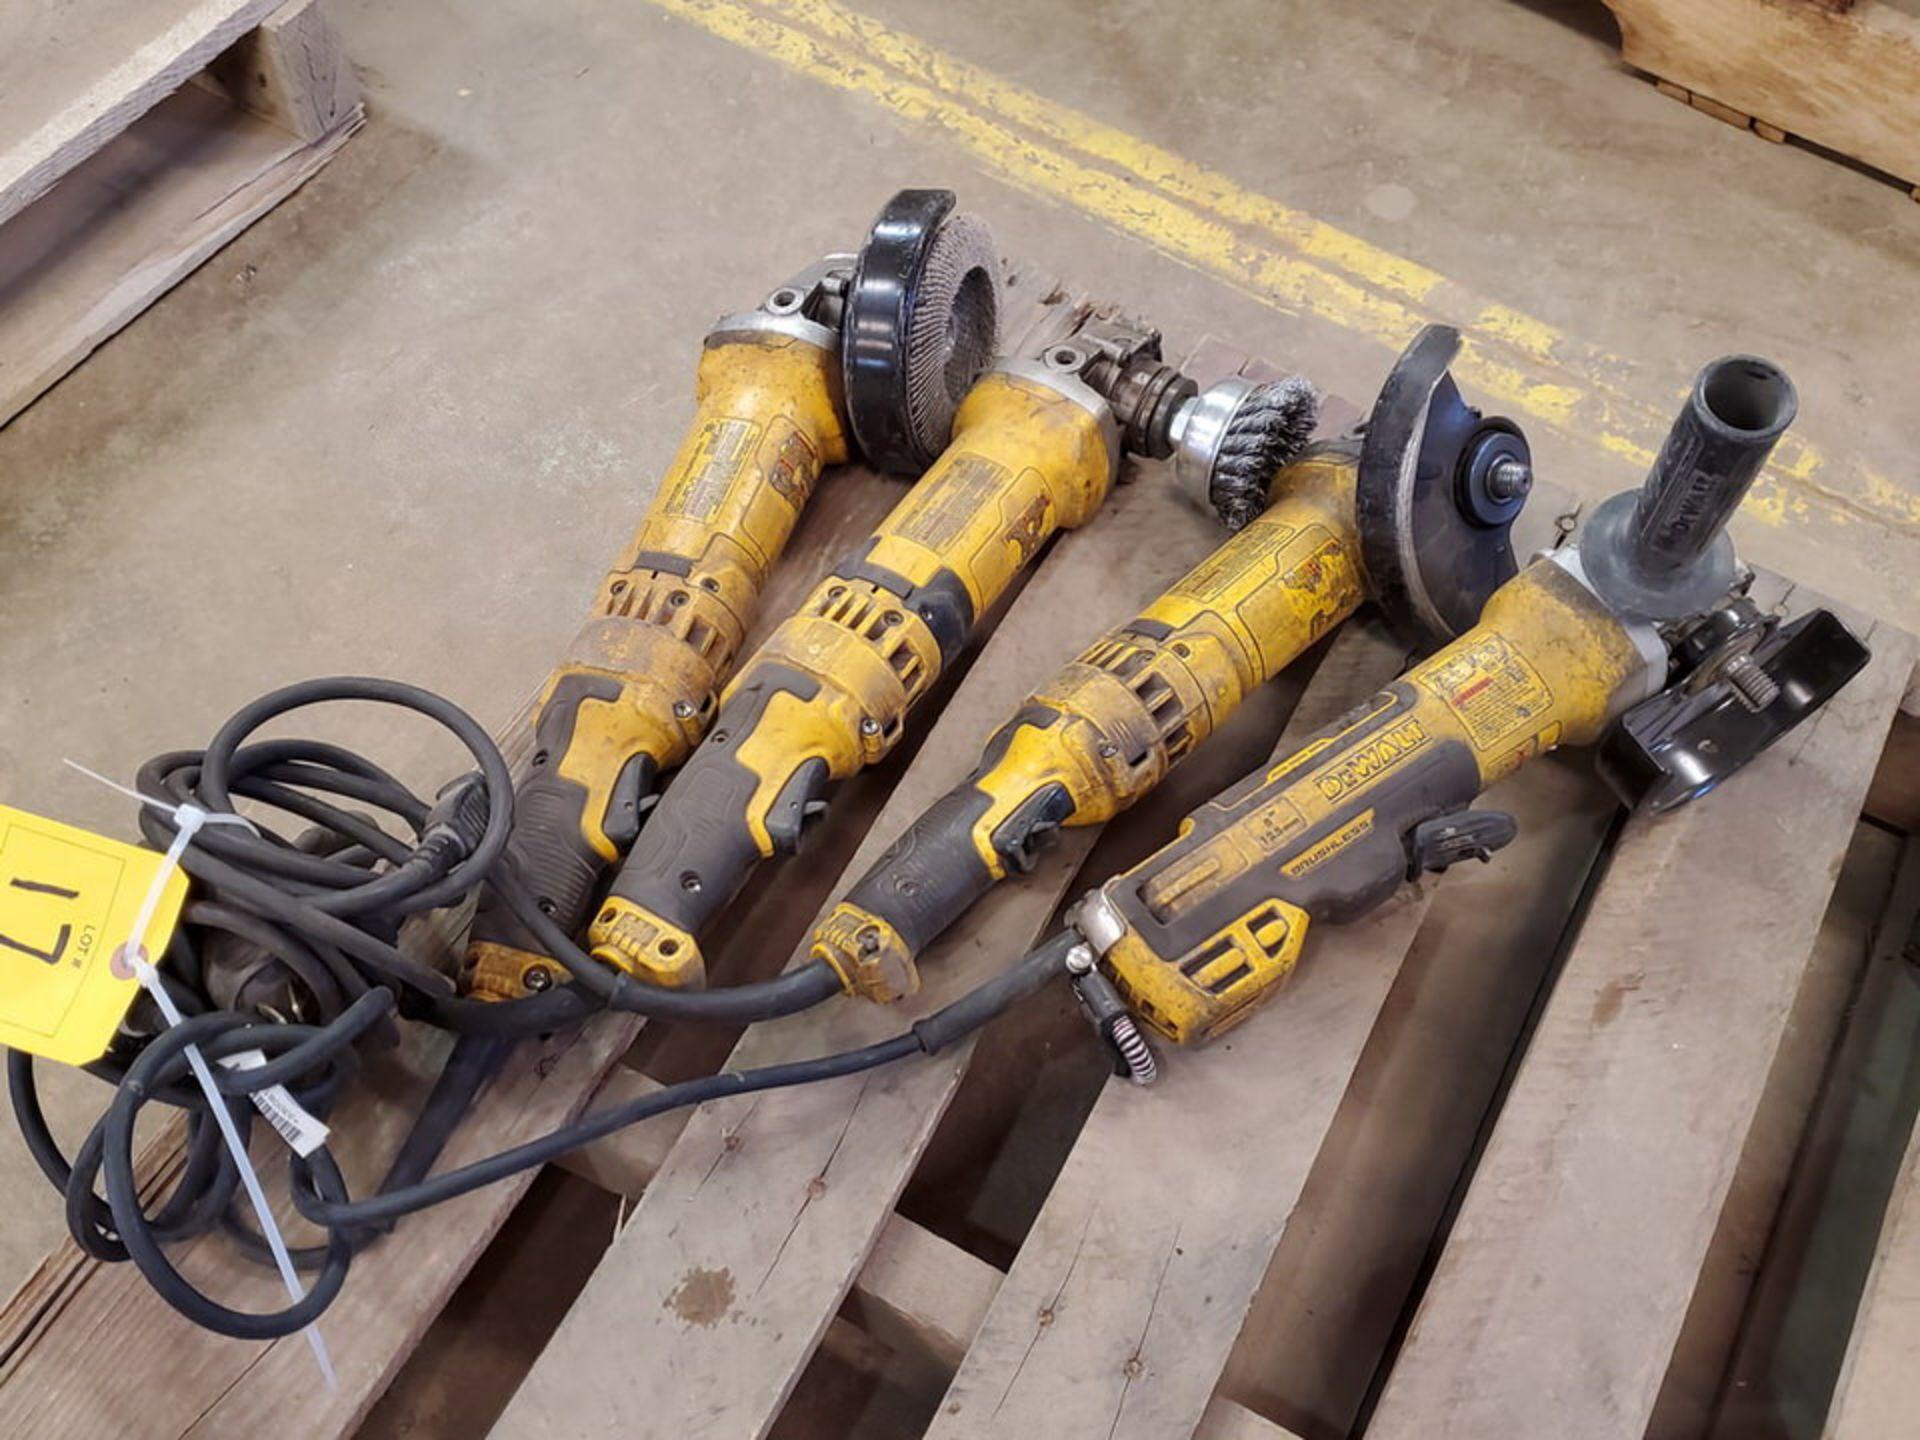 """Dewalt (4) 6"""" Angle Grinders 120V, 12A - Image 2 of 5"""